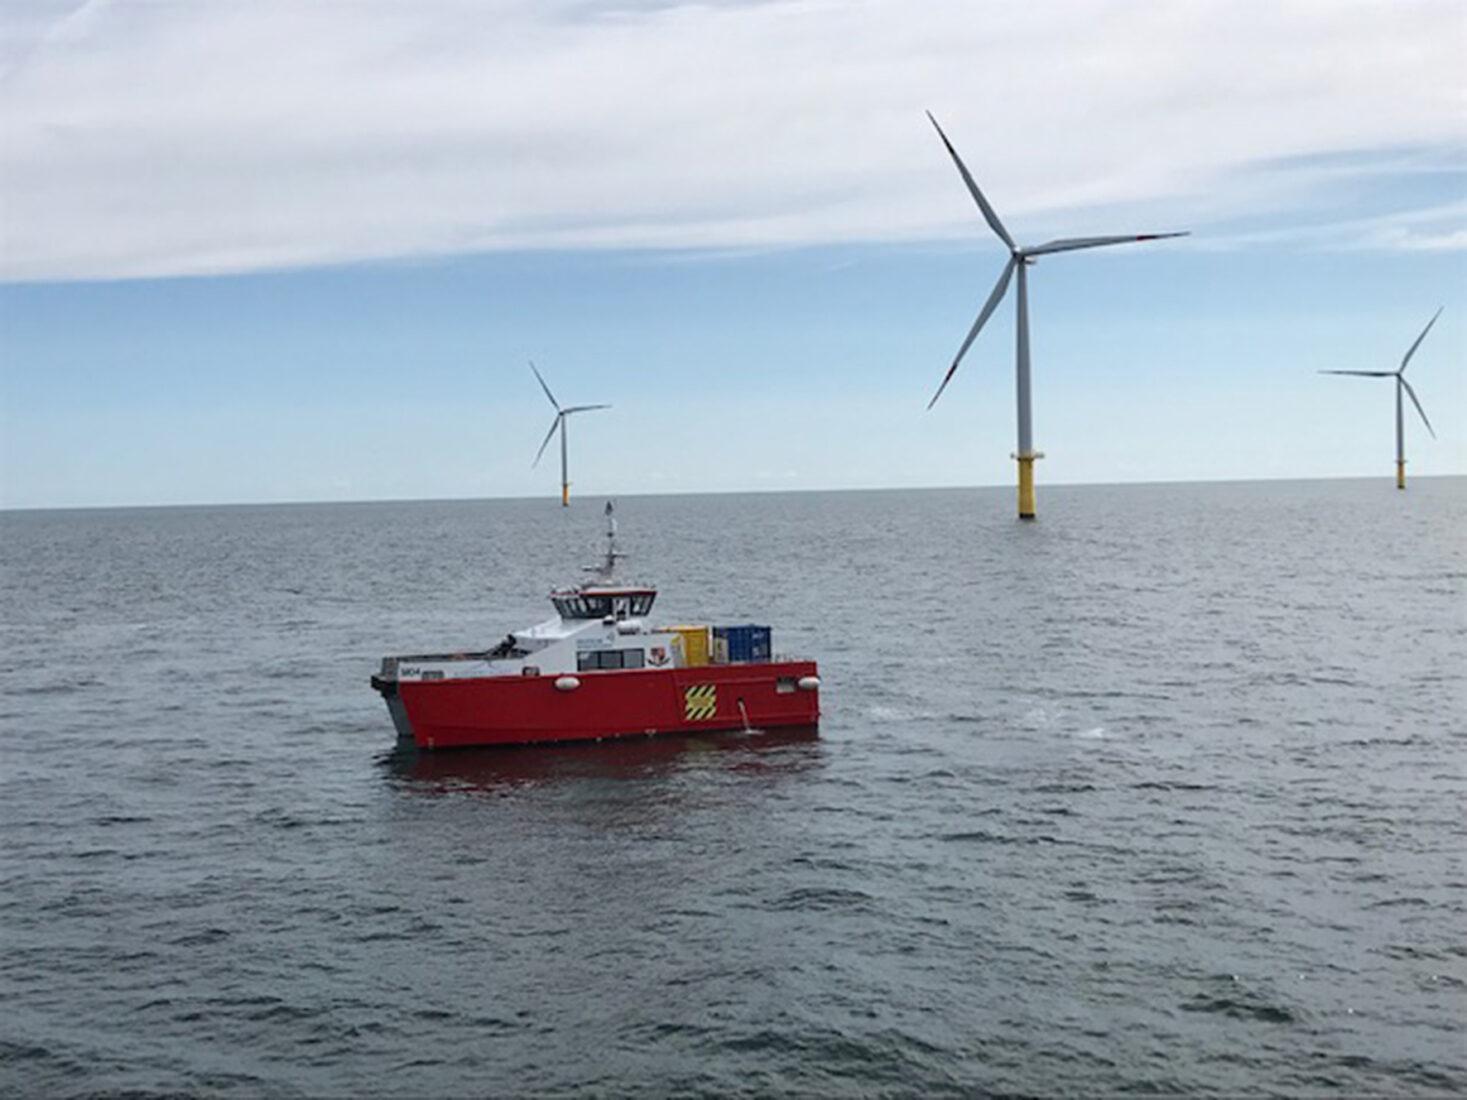 Der Offshore-Windpark Butendiek verbrauchte große Mengen Korrosionsschutzmittel. Foto: Sika Deutschland GmbH